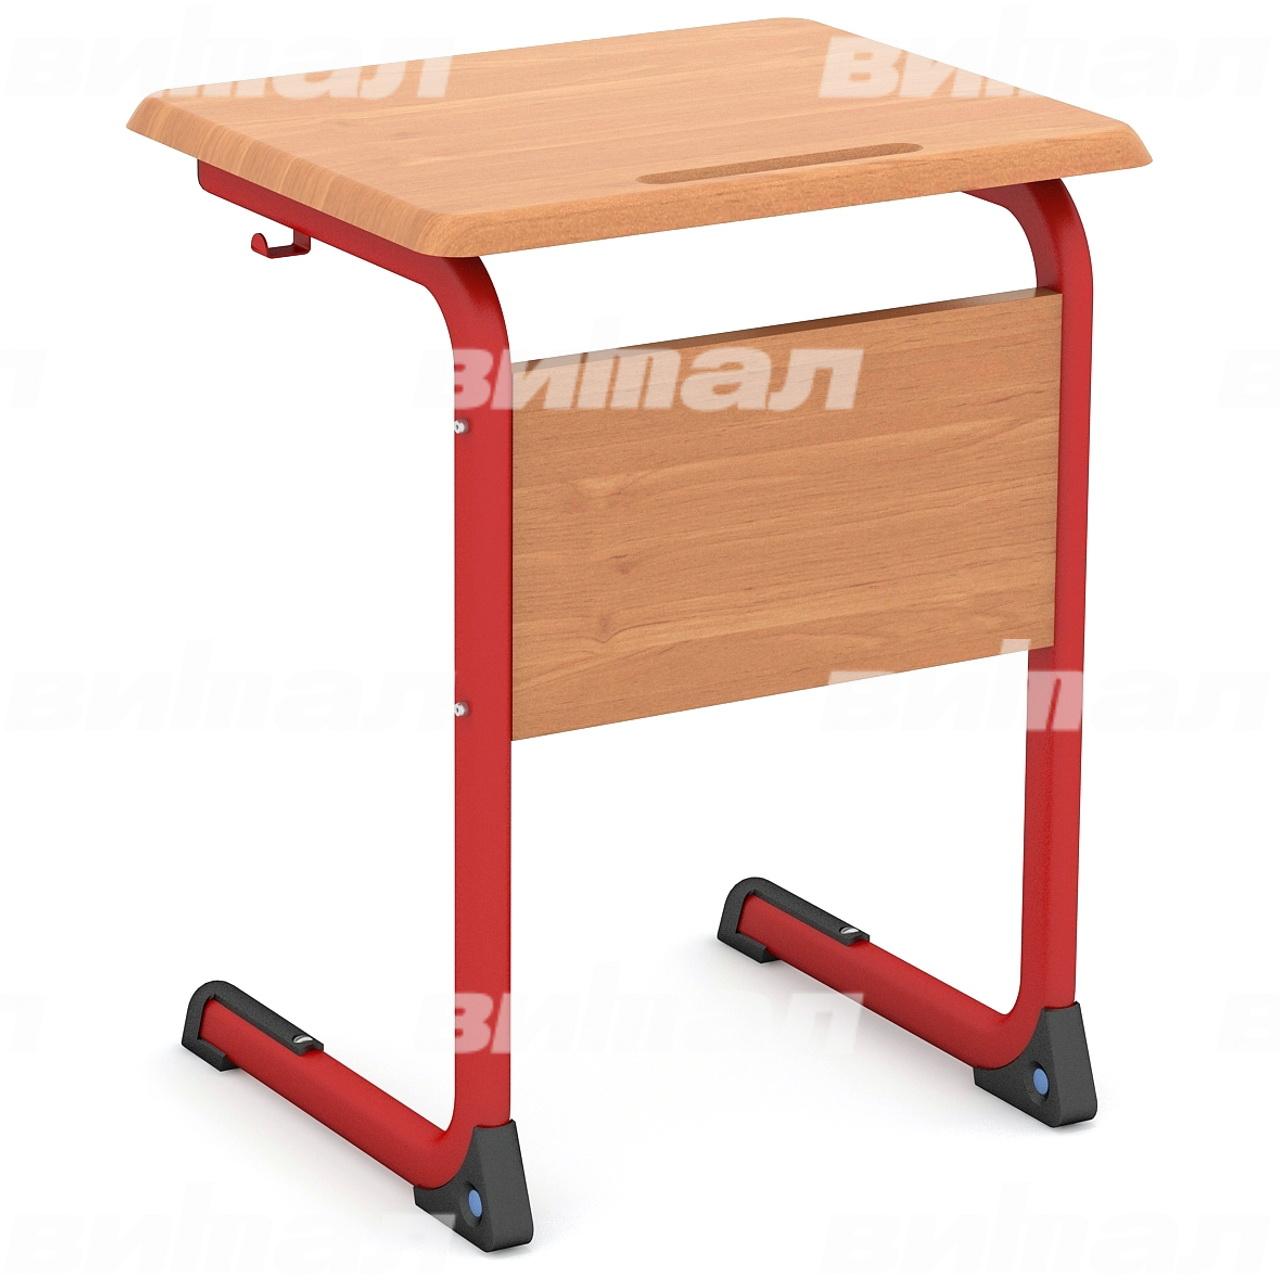 Стол ученический 1-местный нерегулируемый (гр. 3, 4, 5 или 6) МДФ красный Бук 3 МДФ плоскоовальная